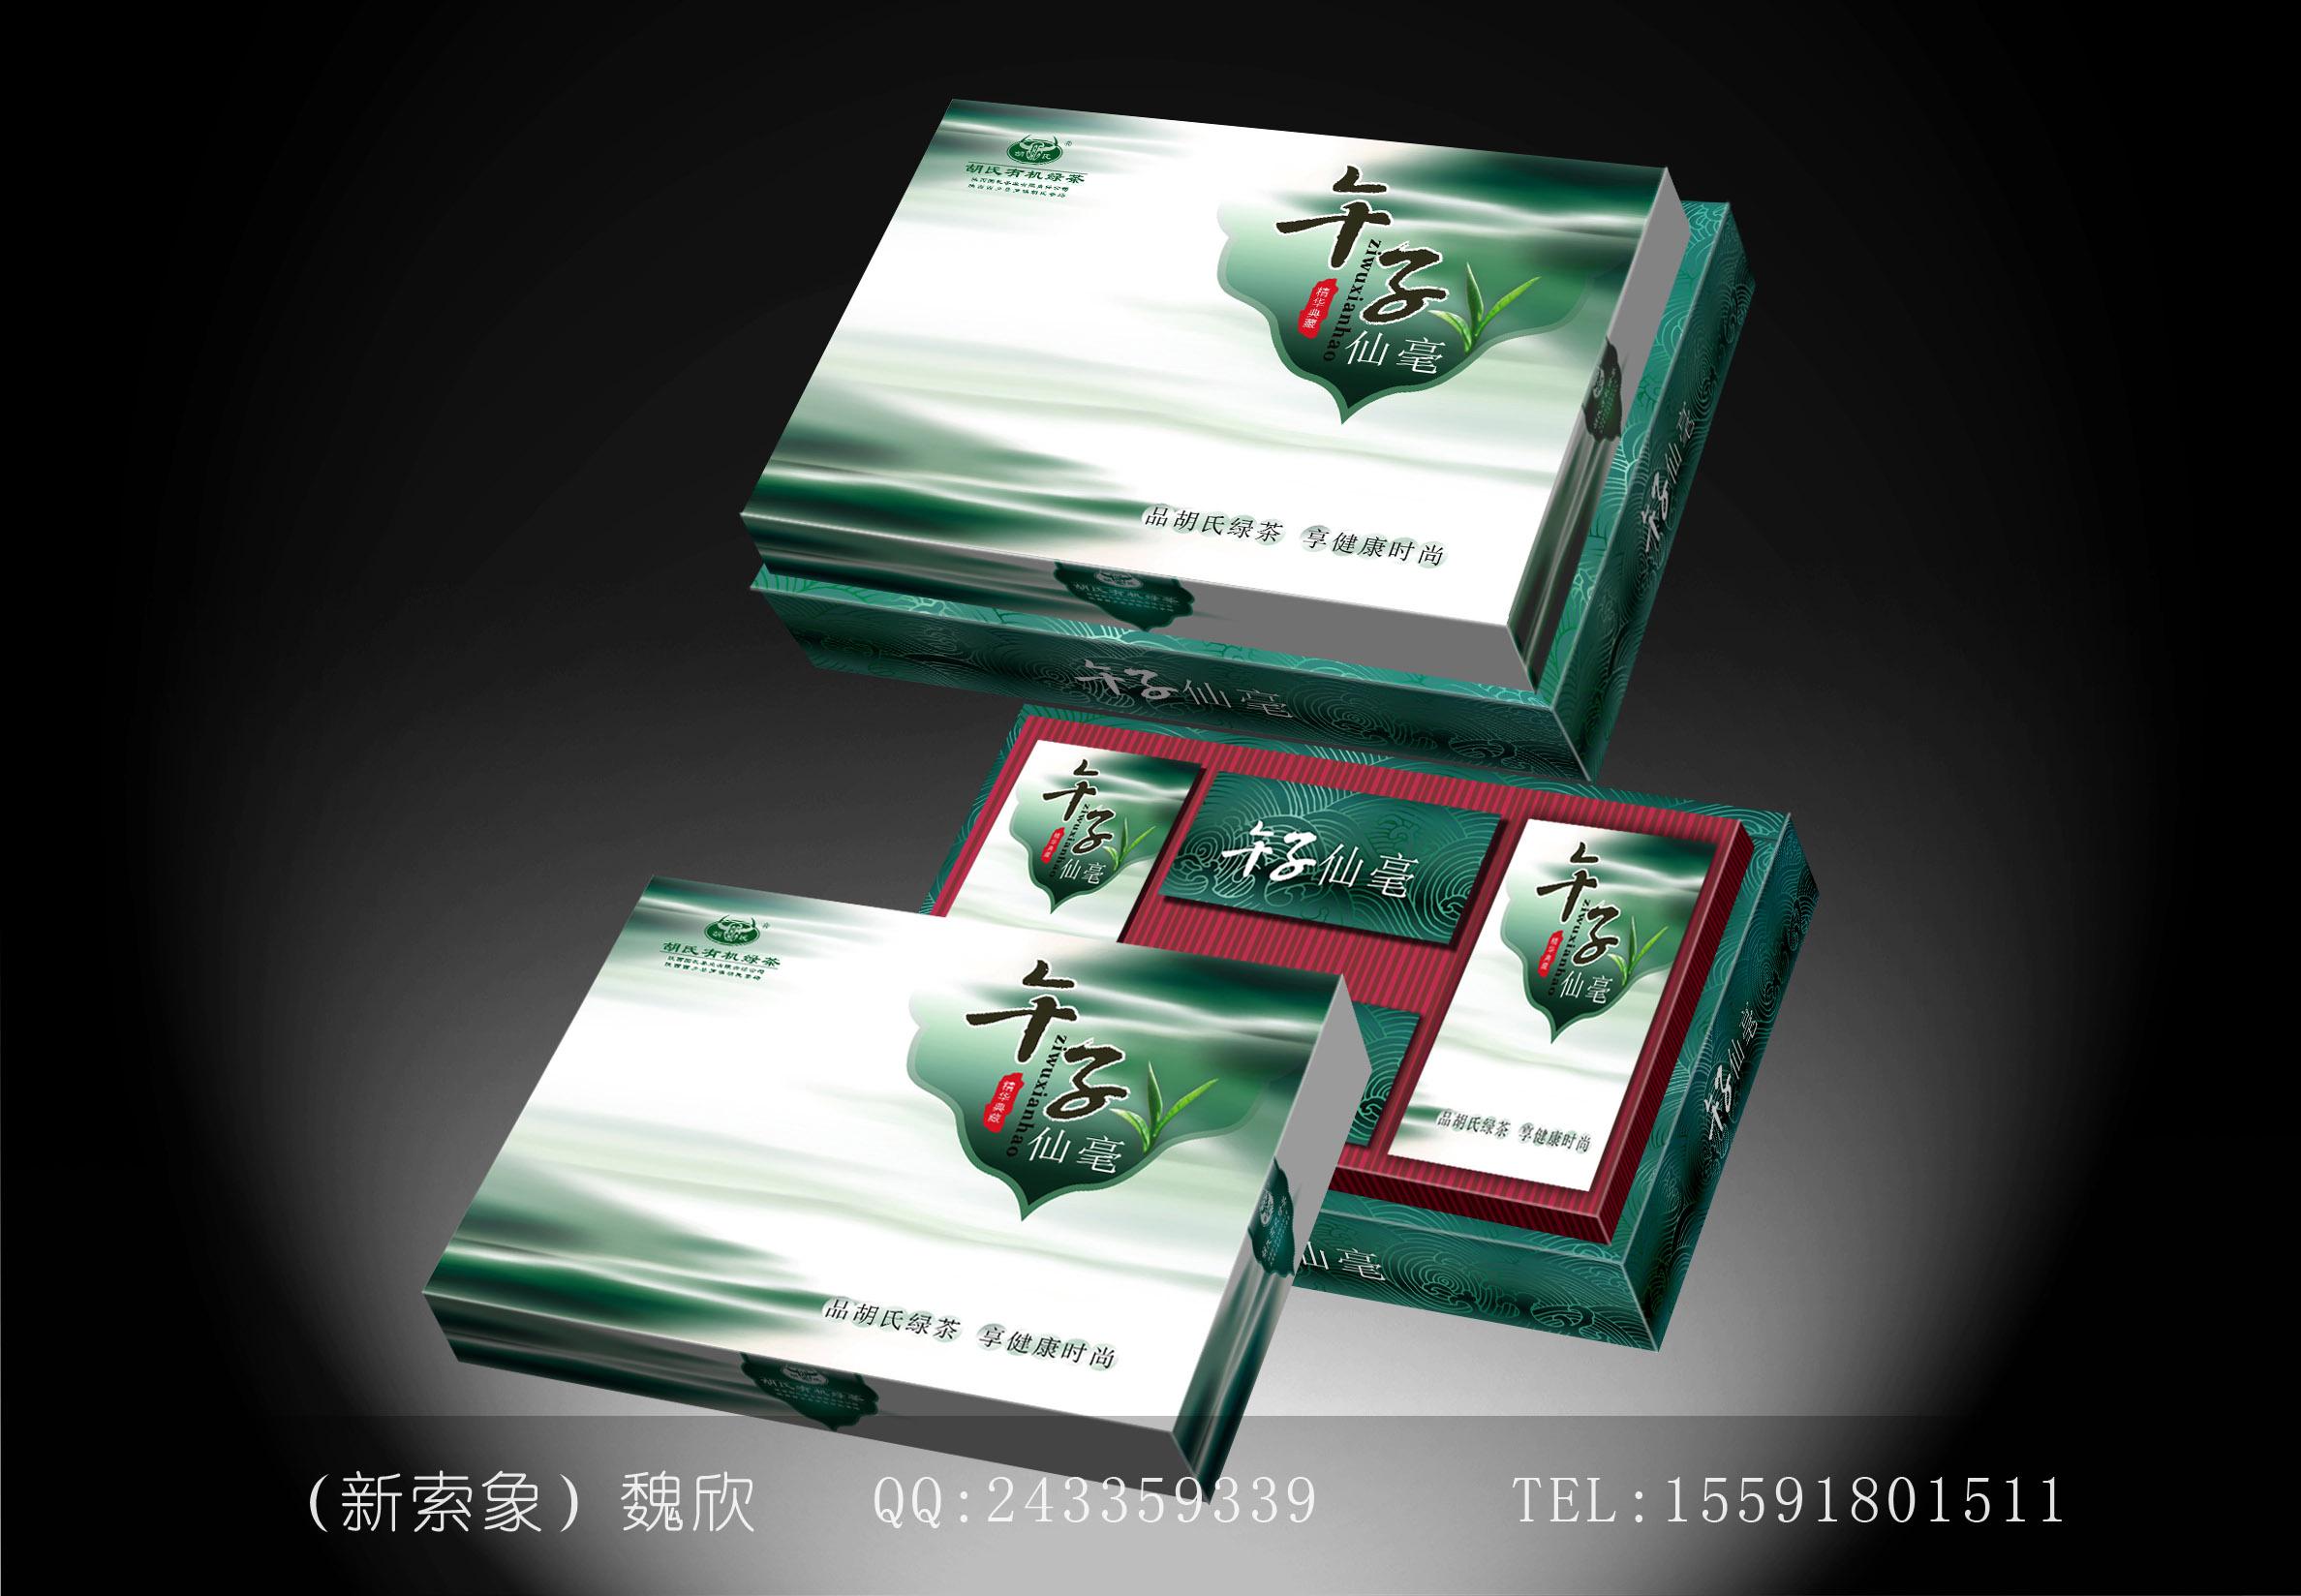 xinsuoxiangshej 作品 02.jpg